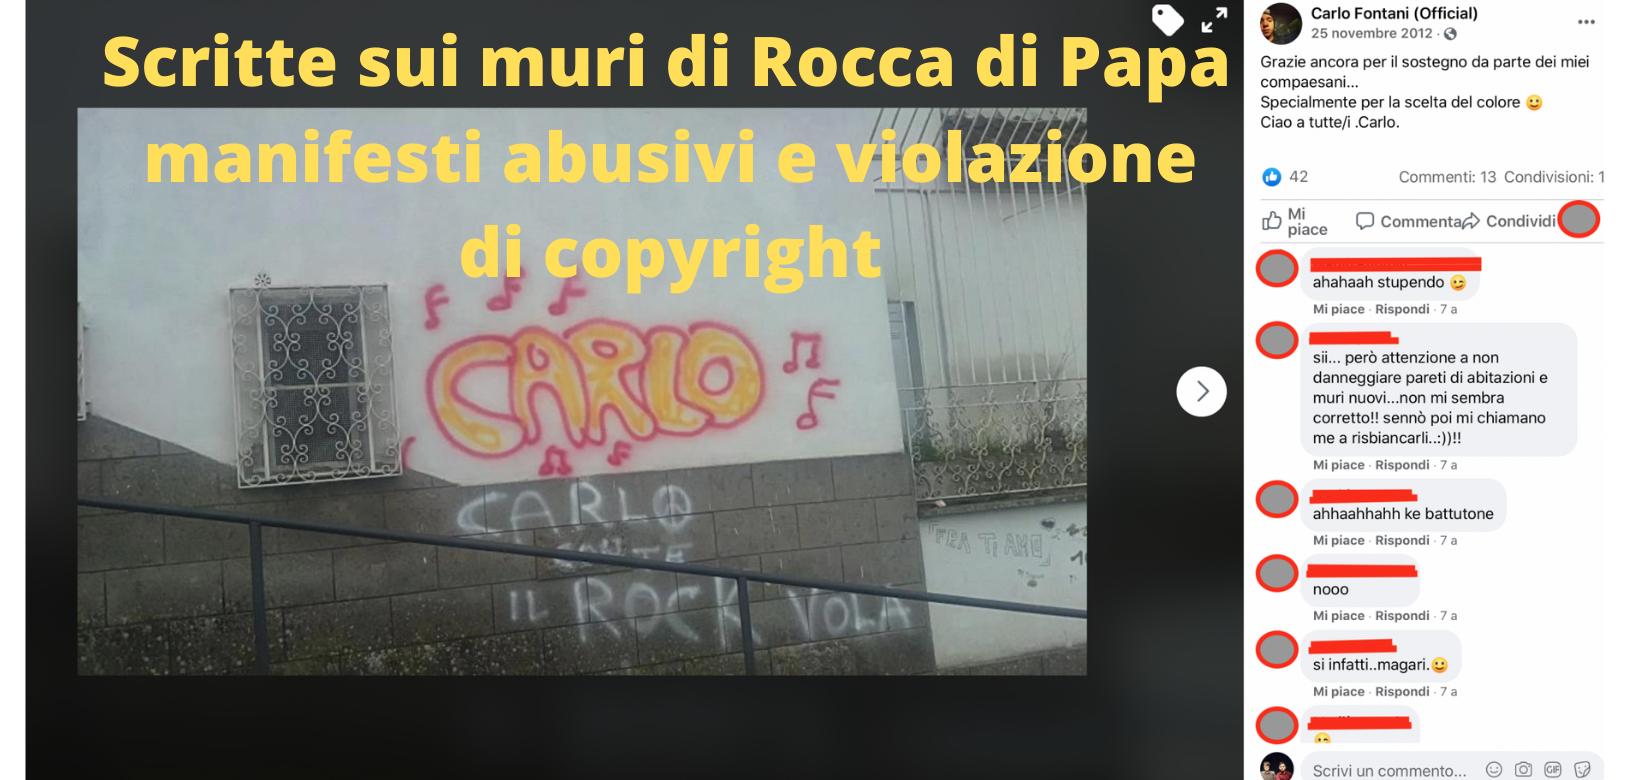 Scritte sui muri di Rocca di Papa manifesti abusivi e violazione di copyright